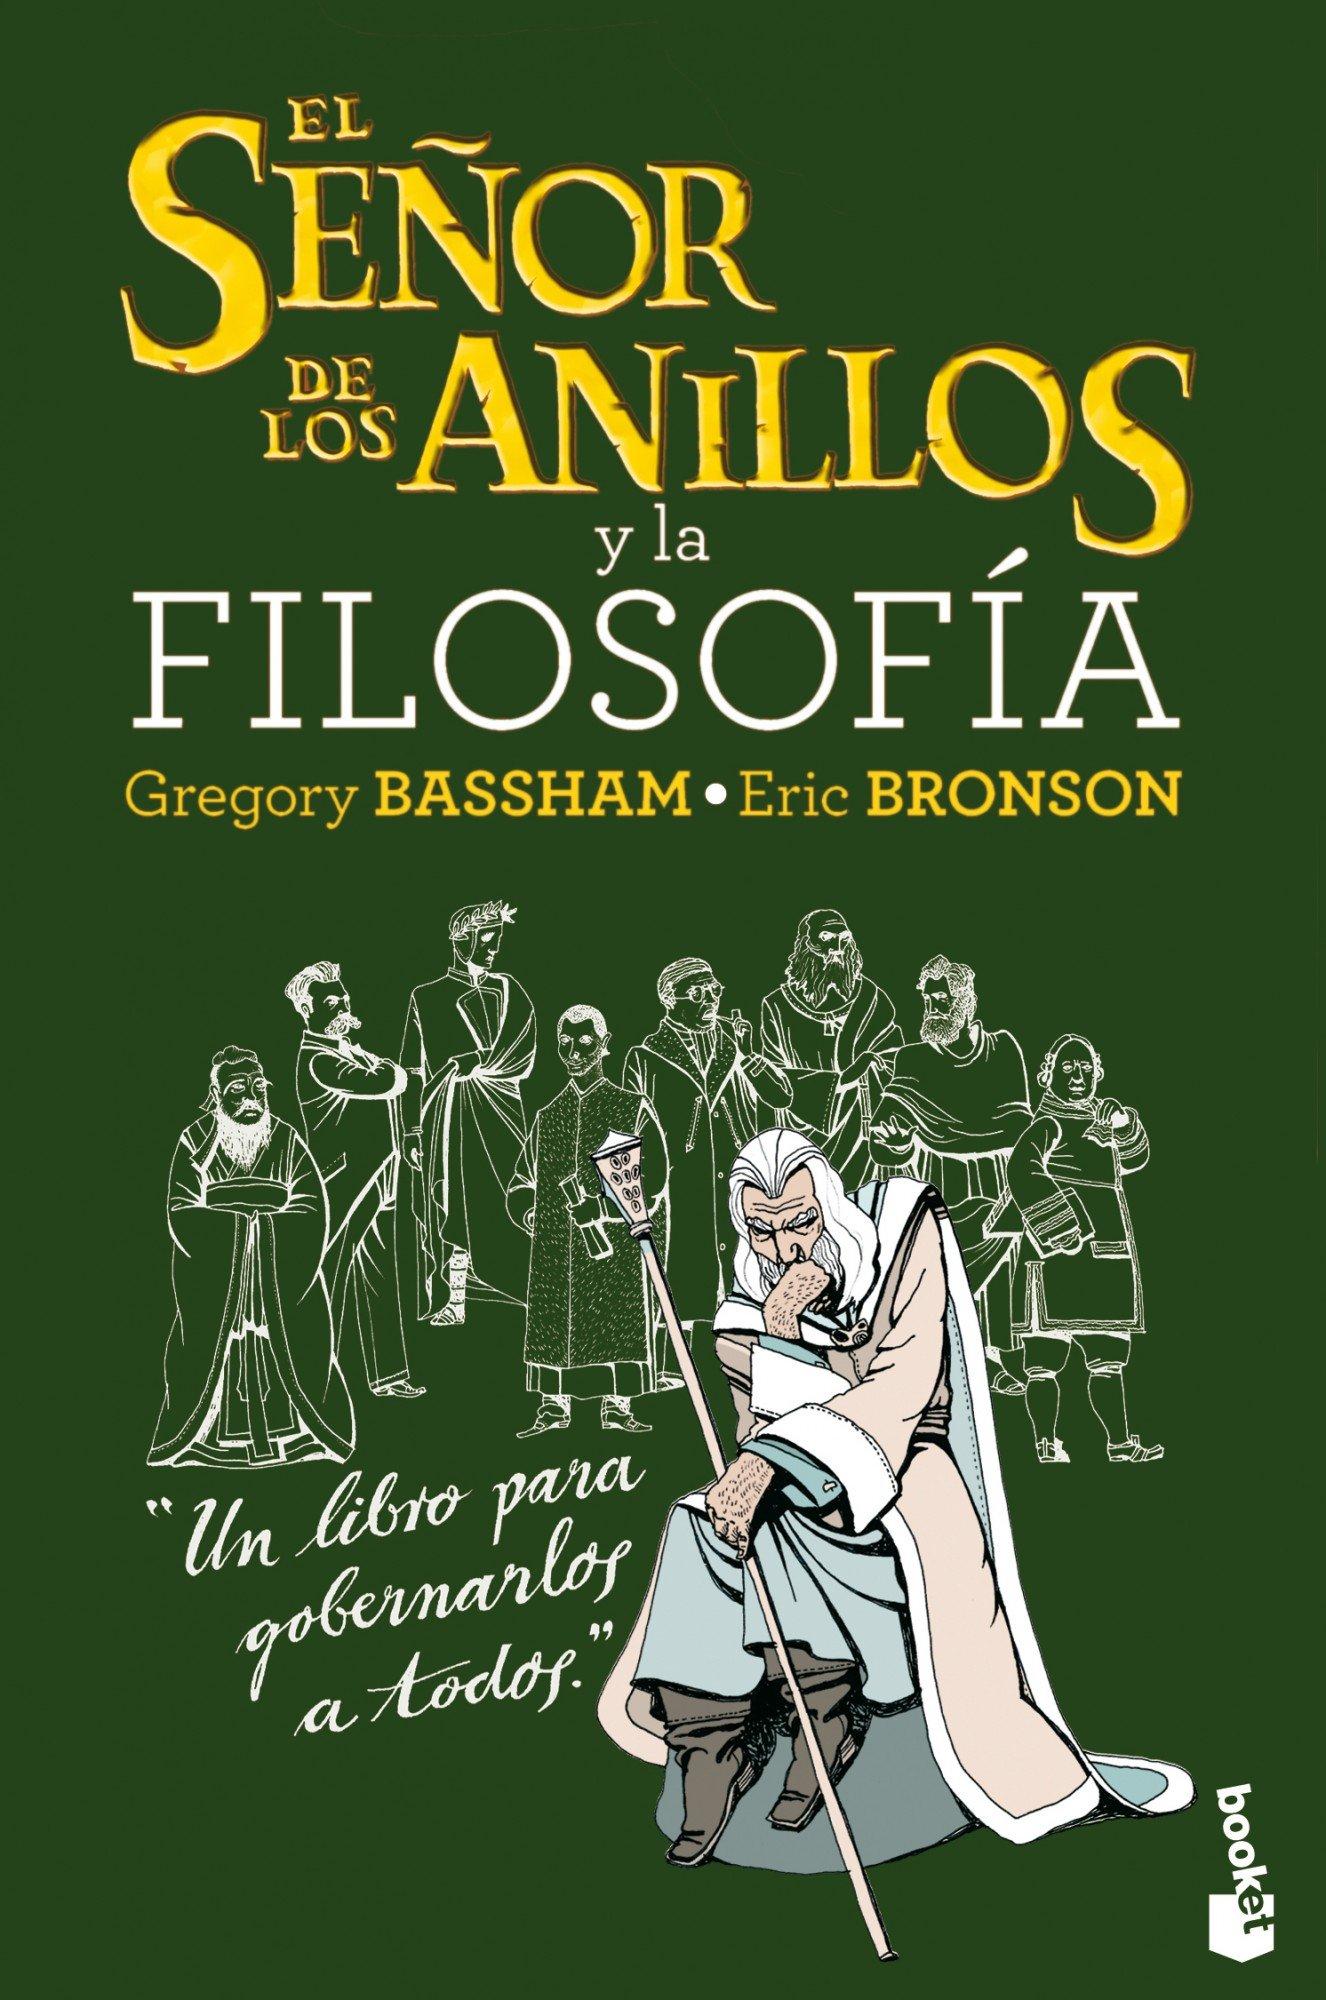 El Señor de los Anillos y la filosofía (Diversos): Amazon.es: Gregory Bassham, Eric Bronson, Alejandra Chaparro: Libros